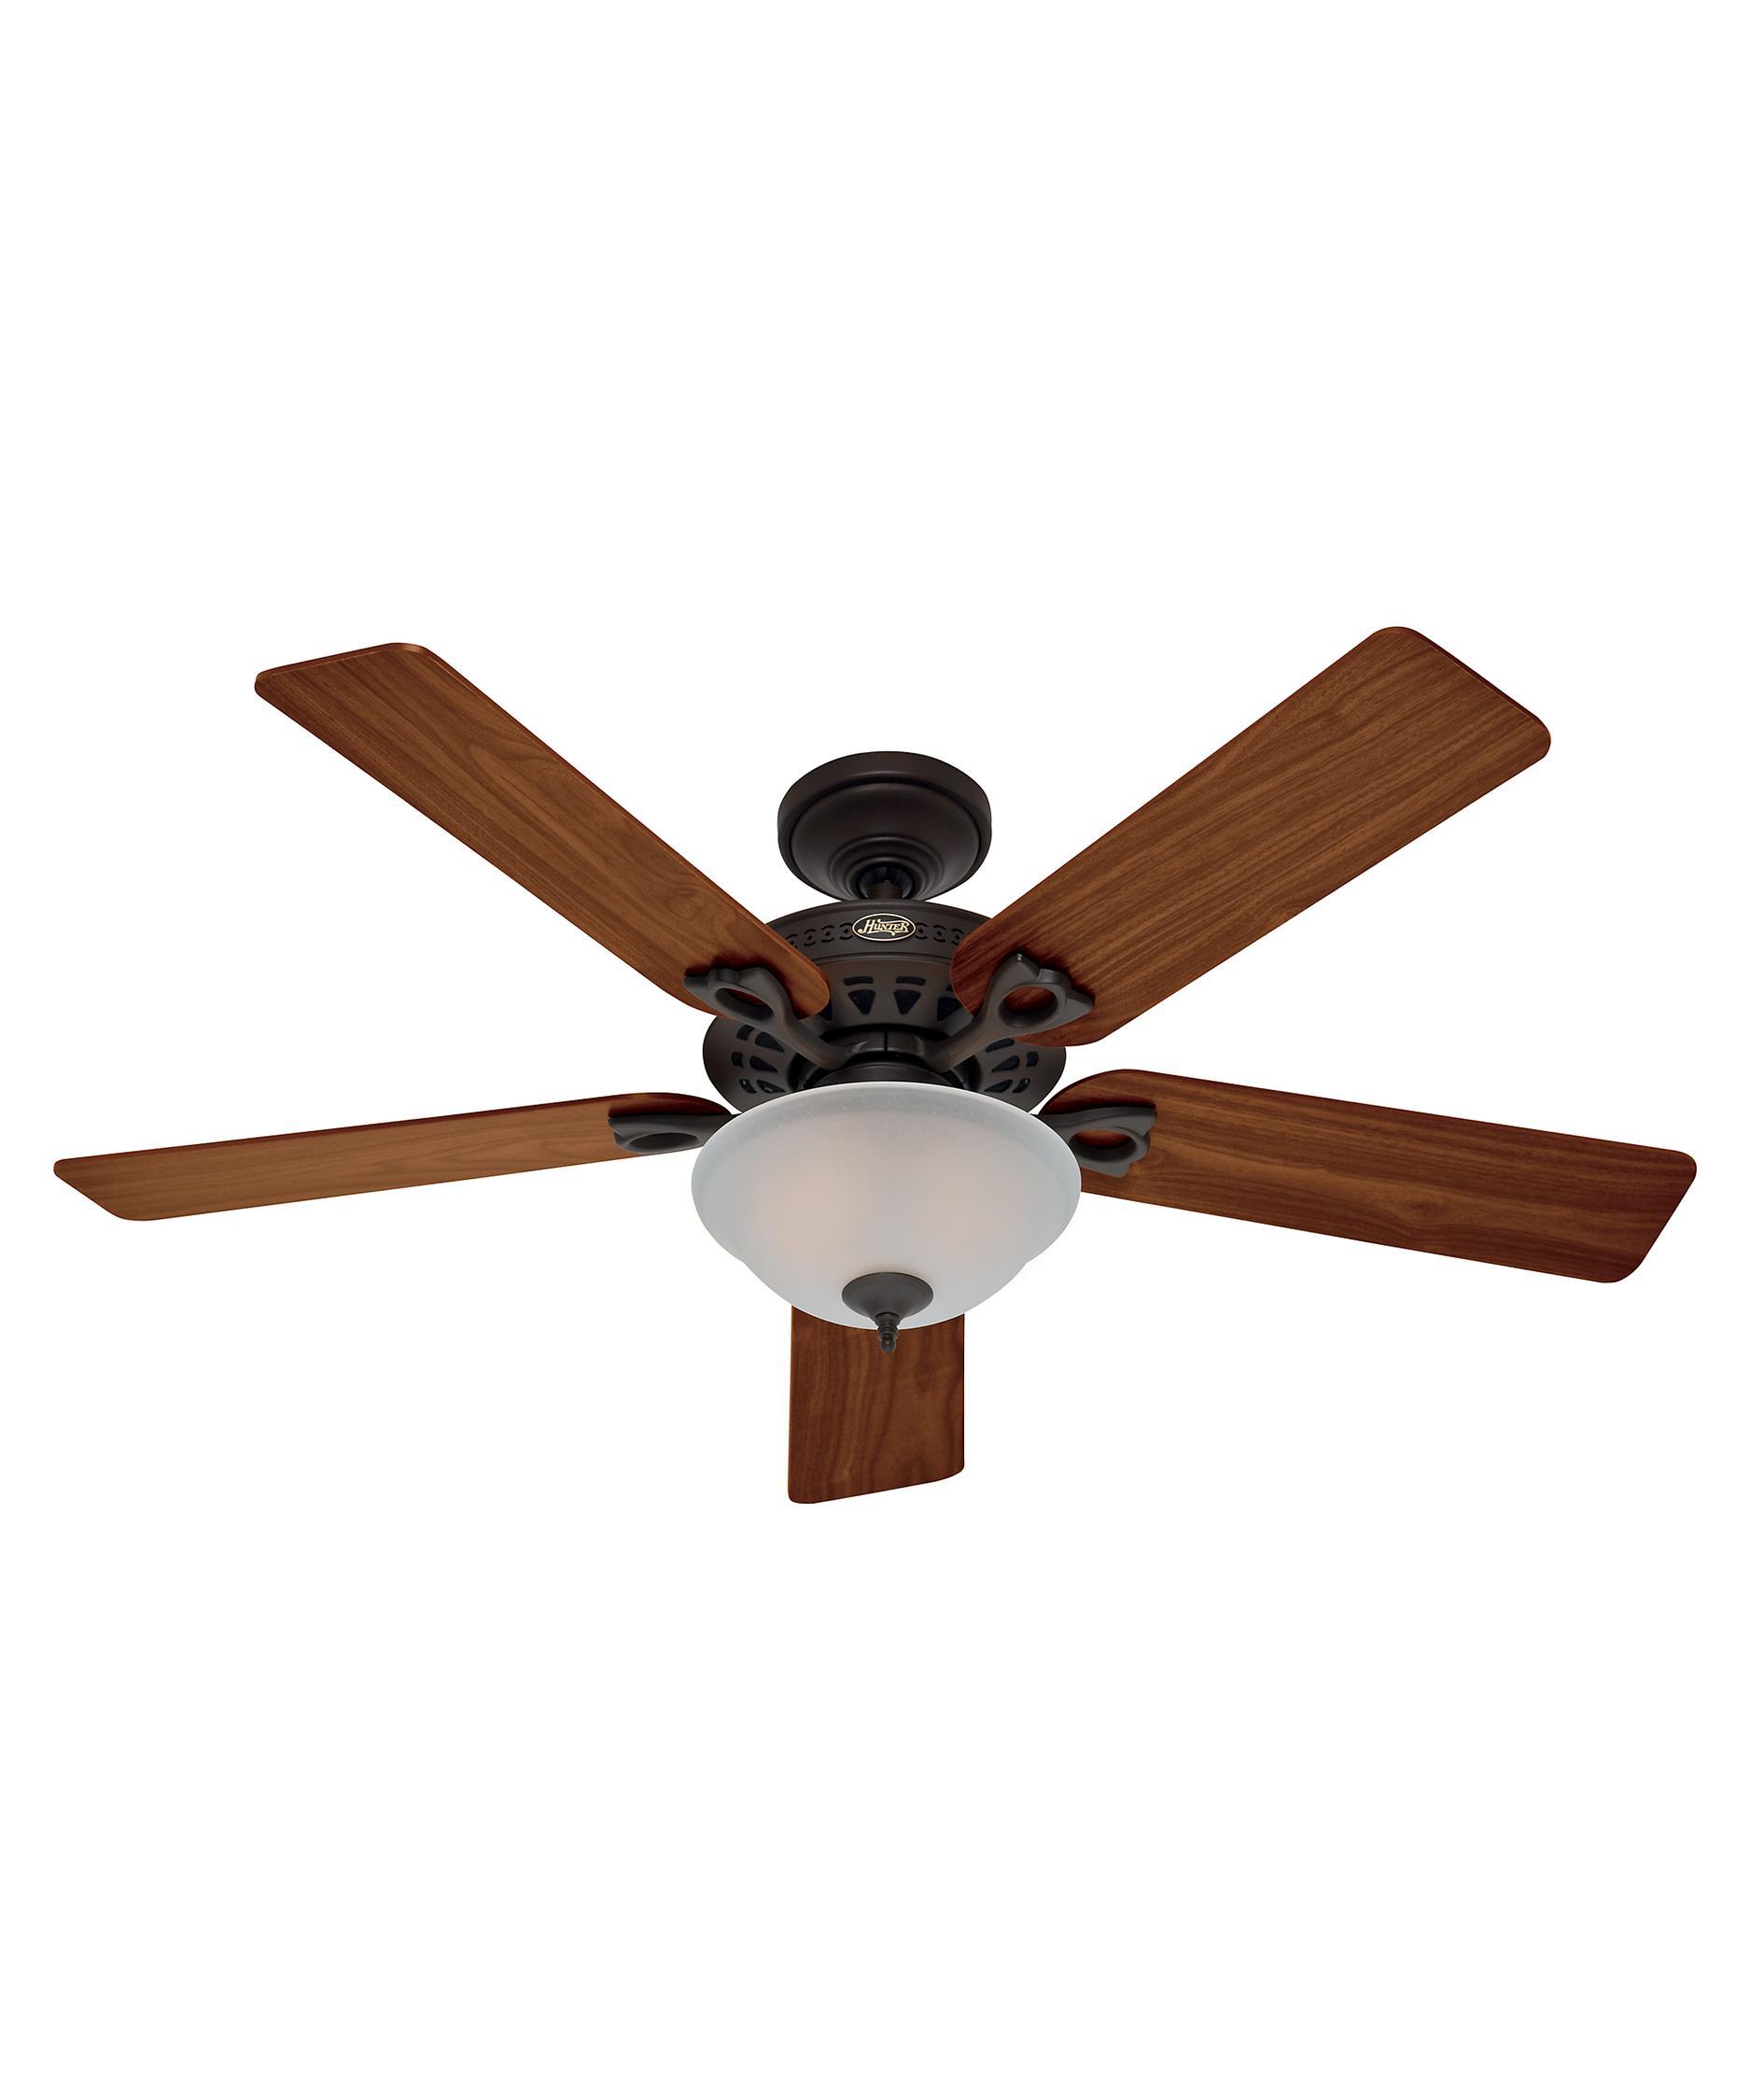 hunter fan 53057 astoria 52 inch ceiling fan with light kit capitol